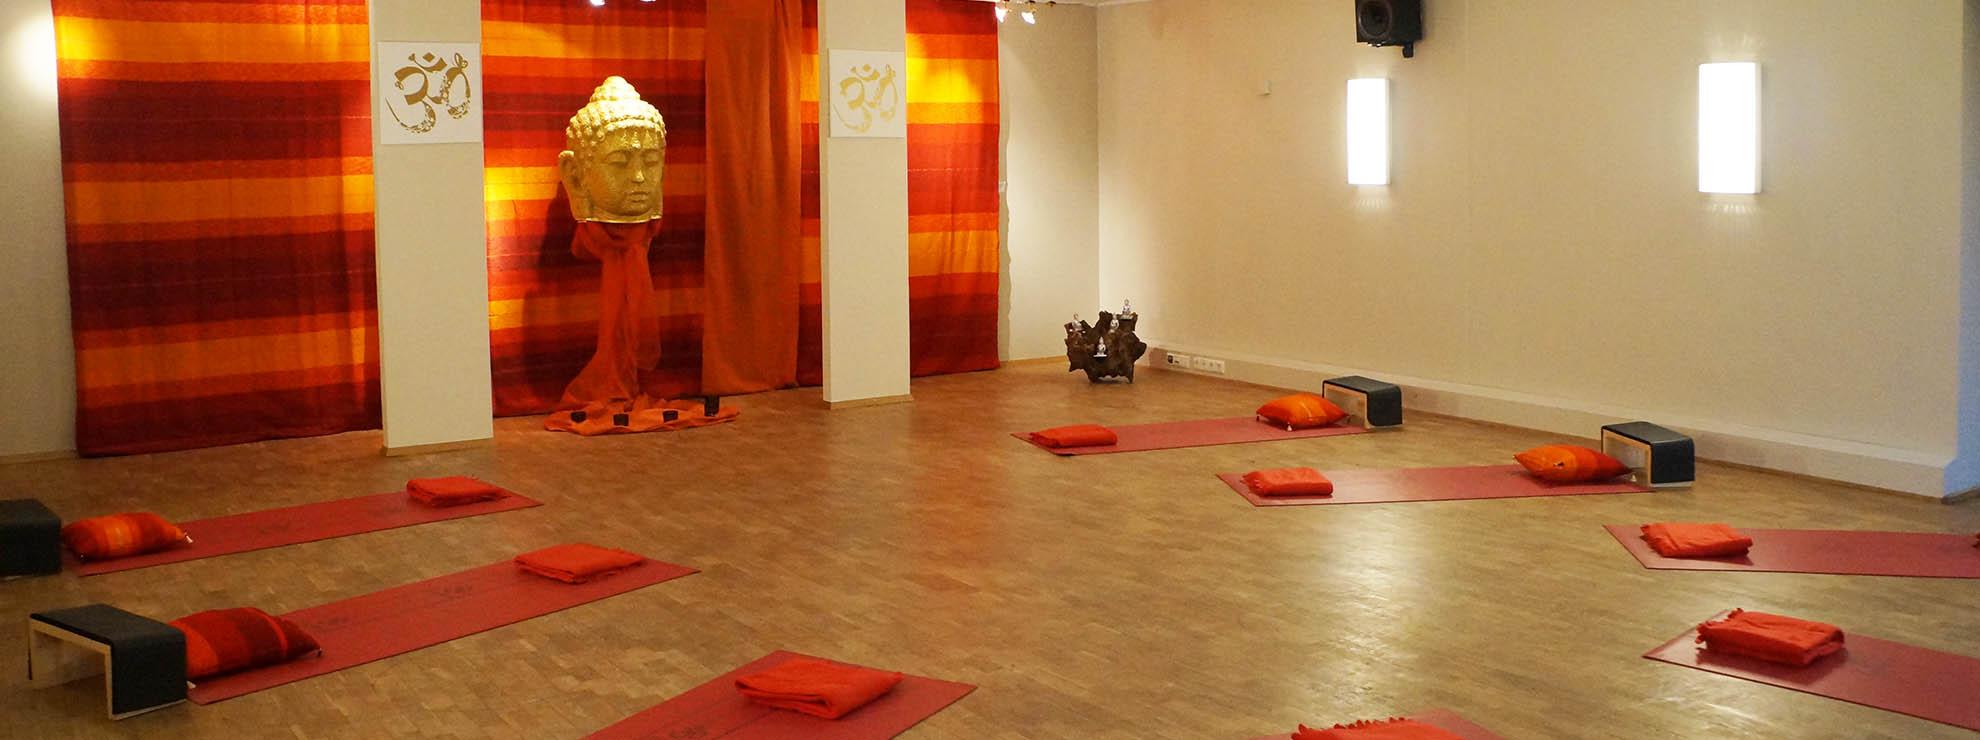 Yogaraum Gestalten retreats carpe diem das entspannte superior hotel im sauerland